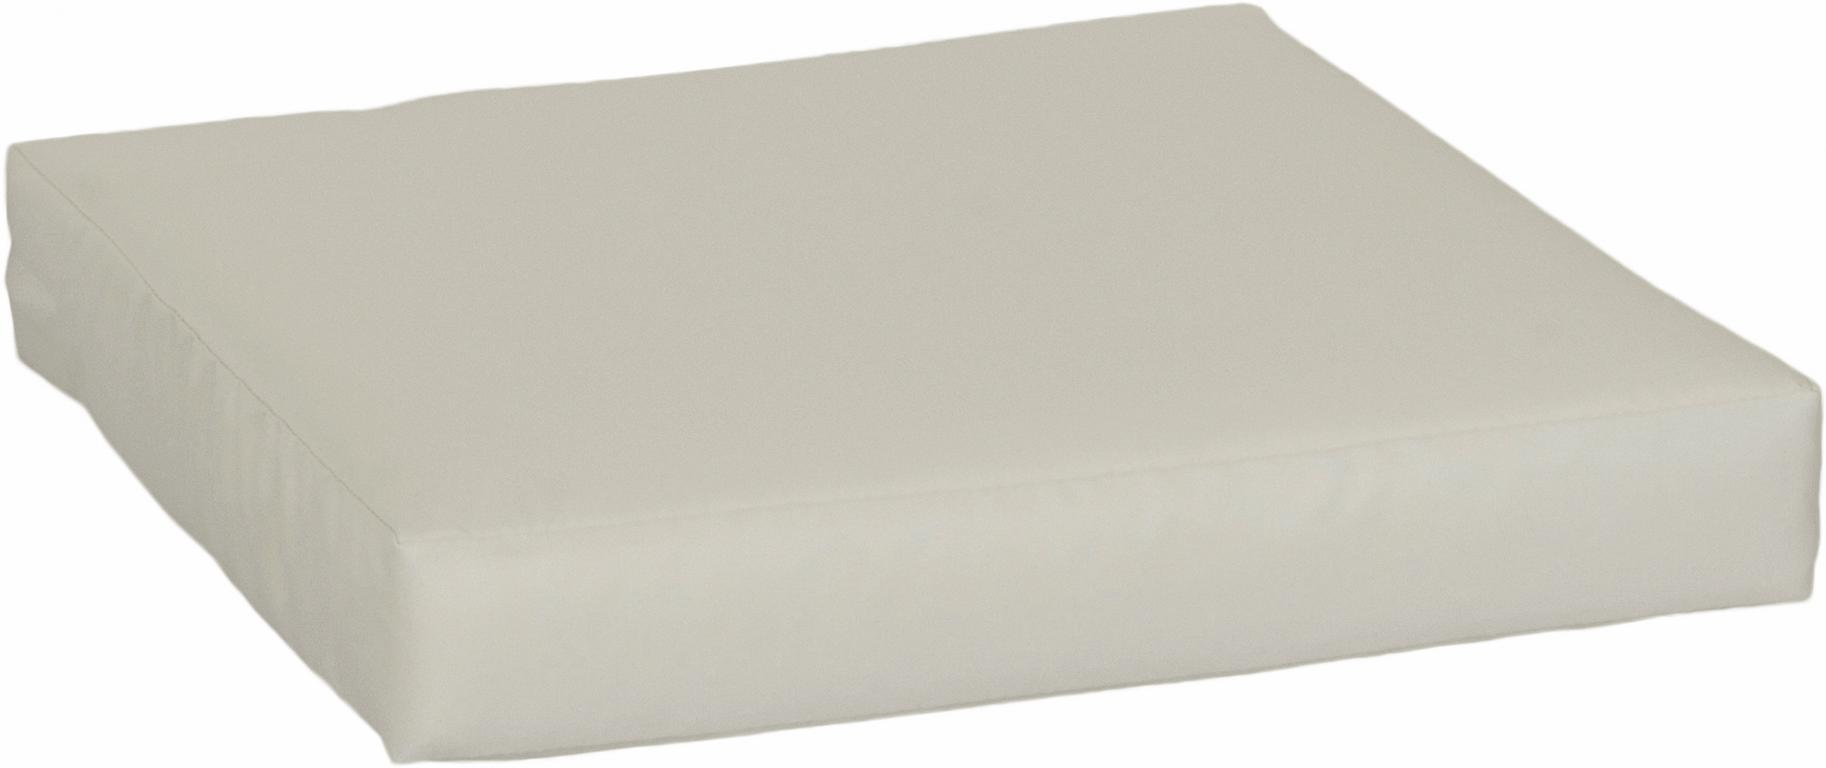 60 x 60 cm Lounge Sitzkissen Premium beige wasserabweisend aus 100% Polyester